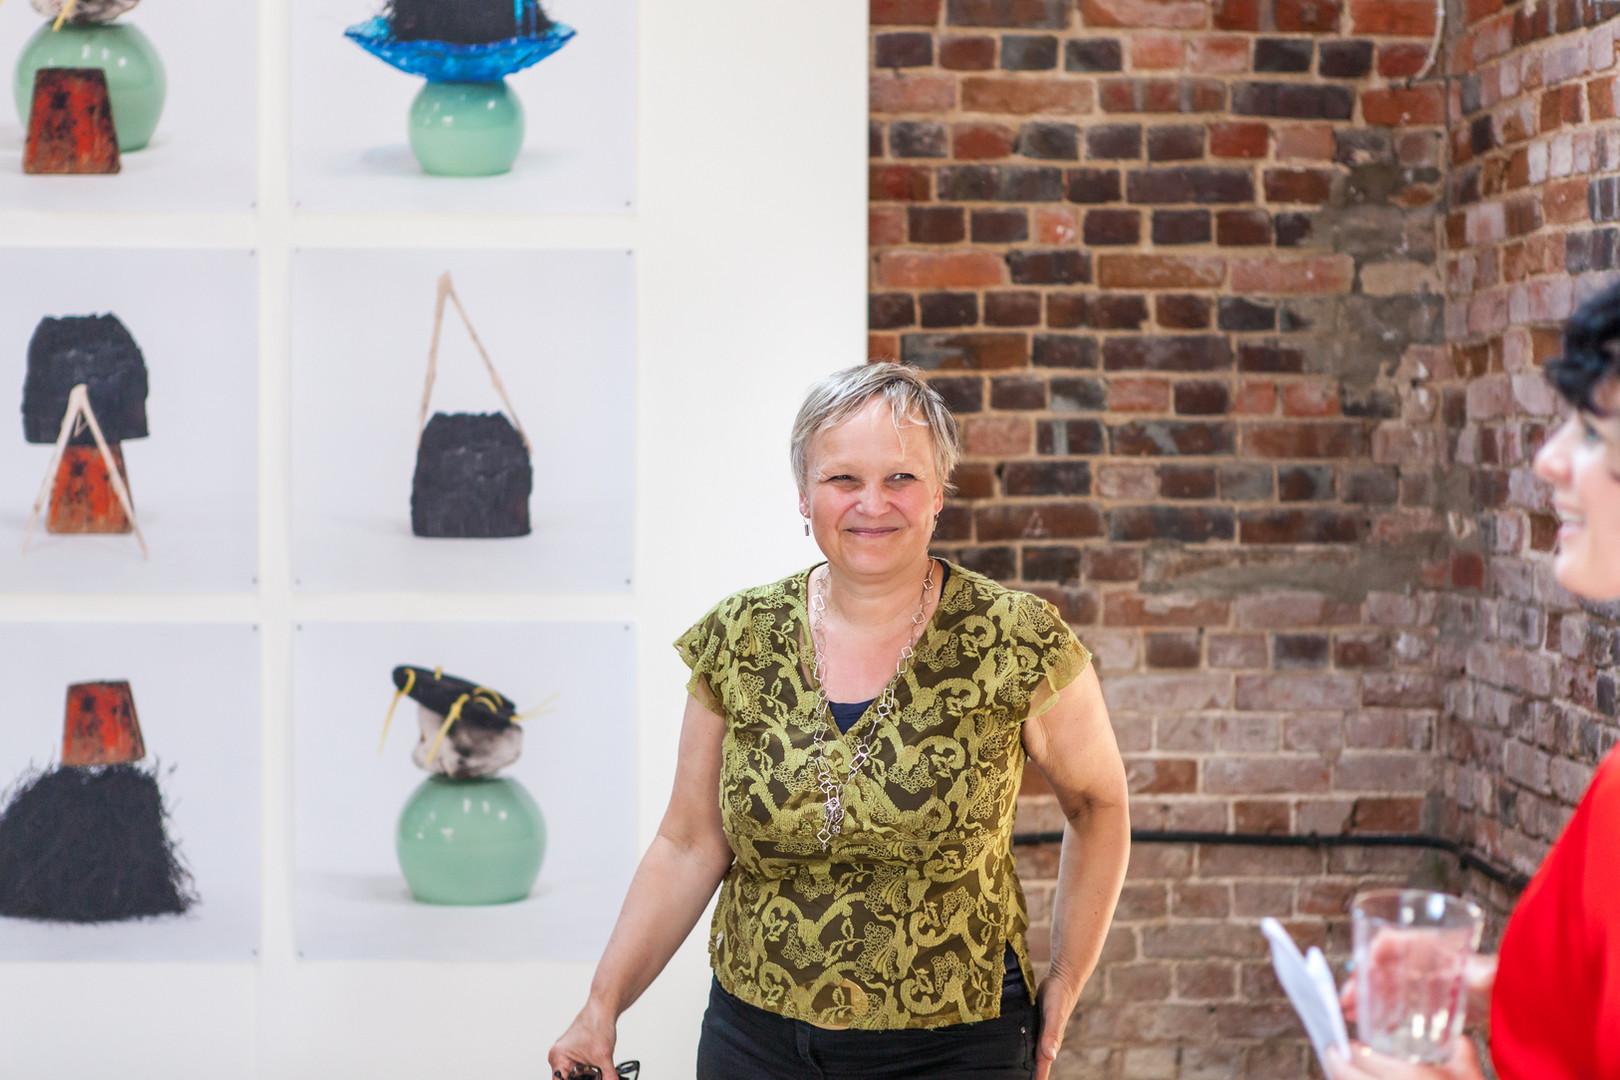 Clare Burnett